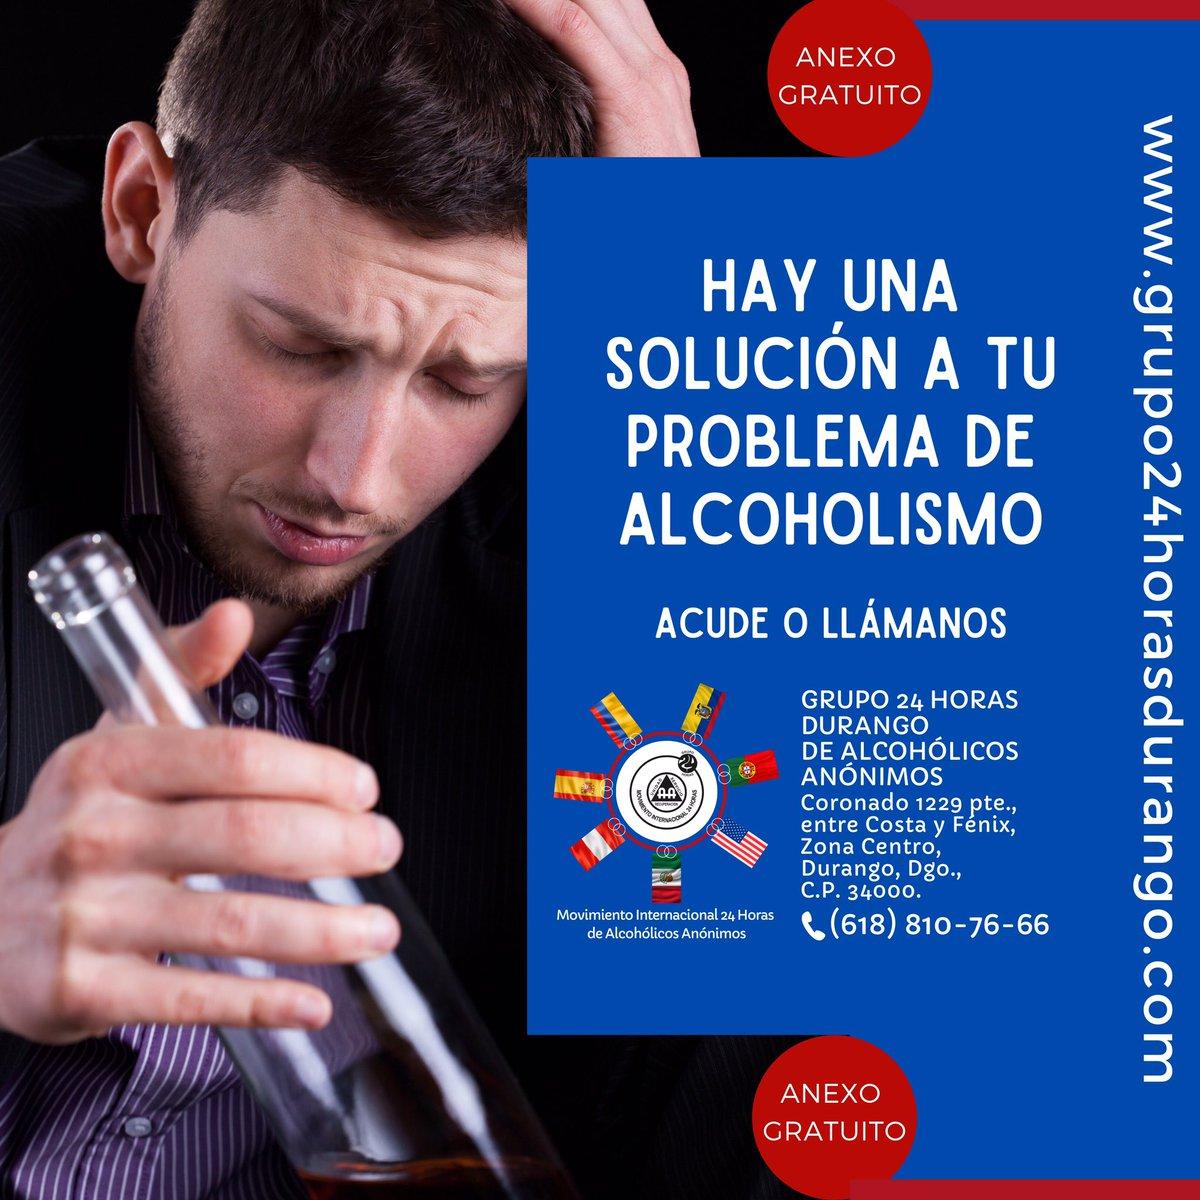 Atendemos problemas de alcoholismo y/o drogadicción.  ANEXO GRATUITO. Grupo 24 Horas Durango de Alcohólicos Anónimos,  Coronado 1229 pte., entre Costa y Fénix, Zona Centro,  Durango, Dgo. Tel: (618)810-76-66  http://grupo24horasdurango.compic.twitter.com/OY1KtheKRG